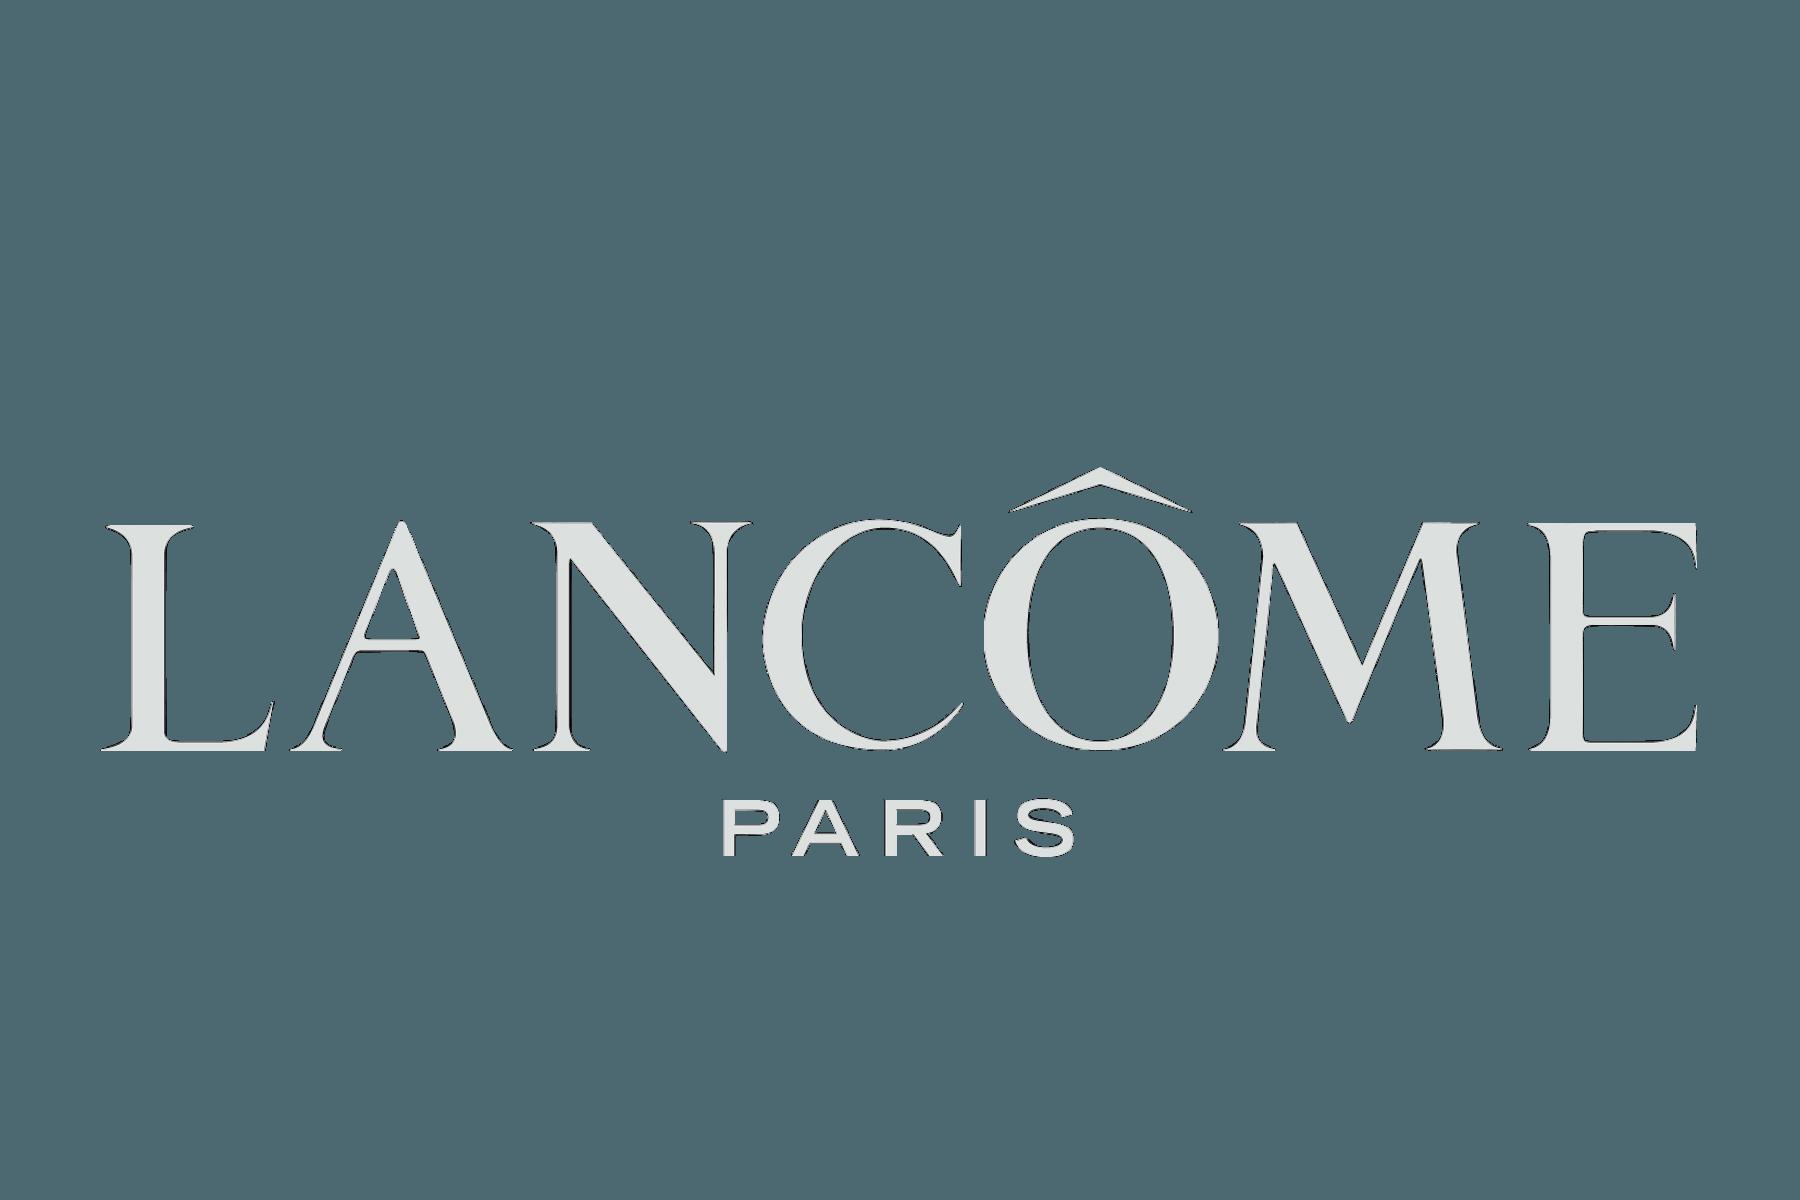 Lancome Paris Logo.